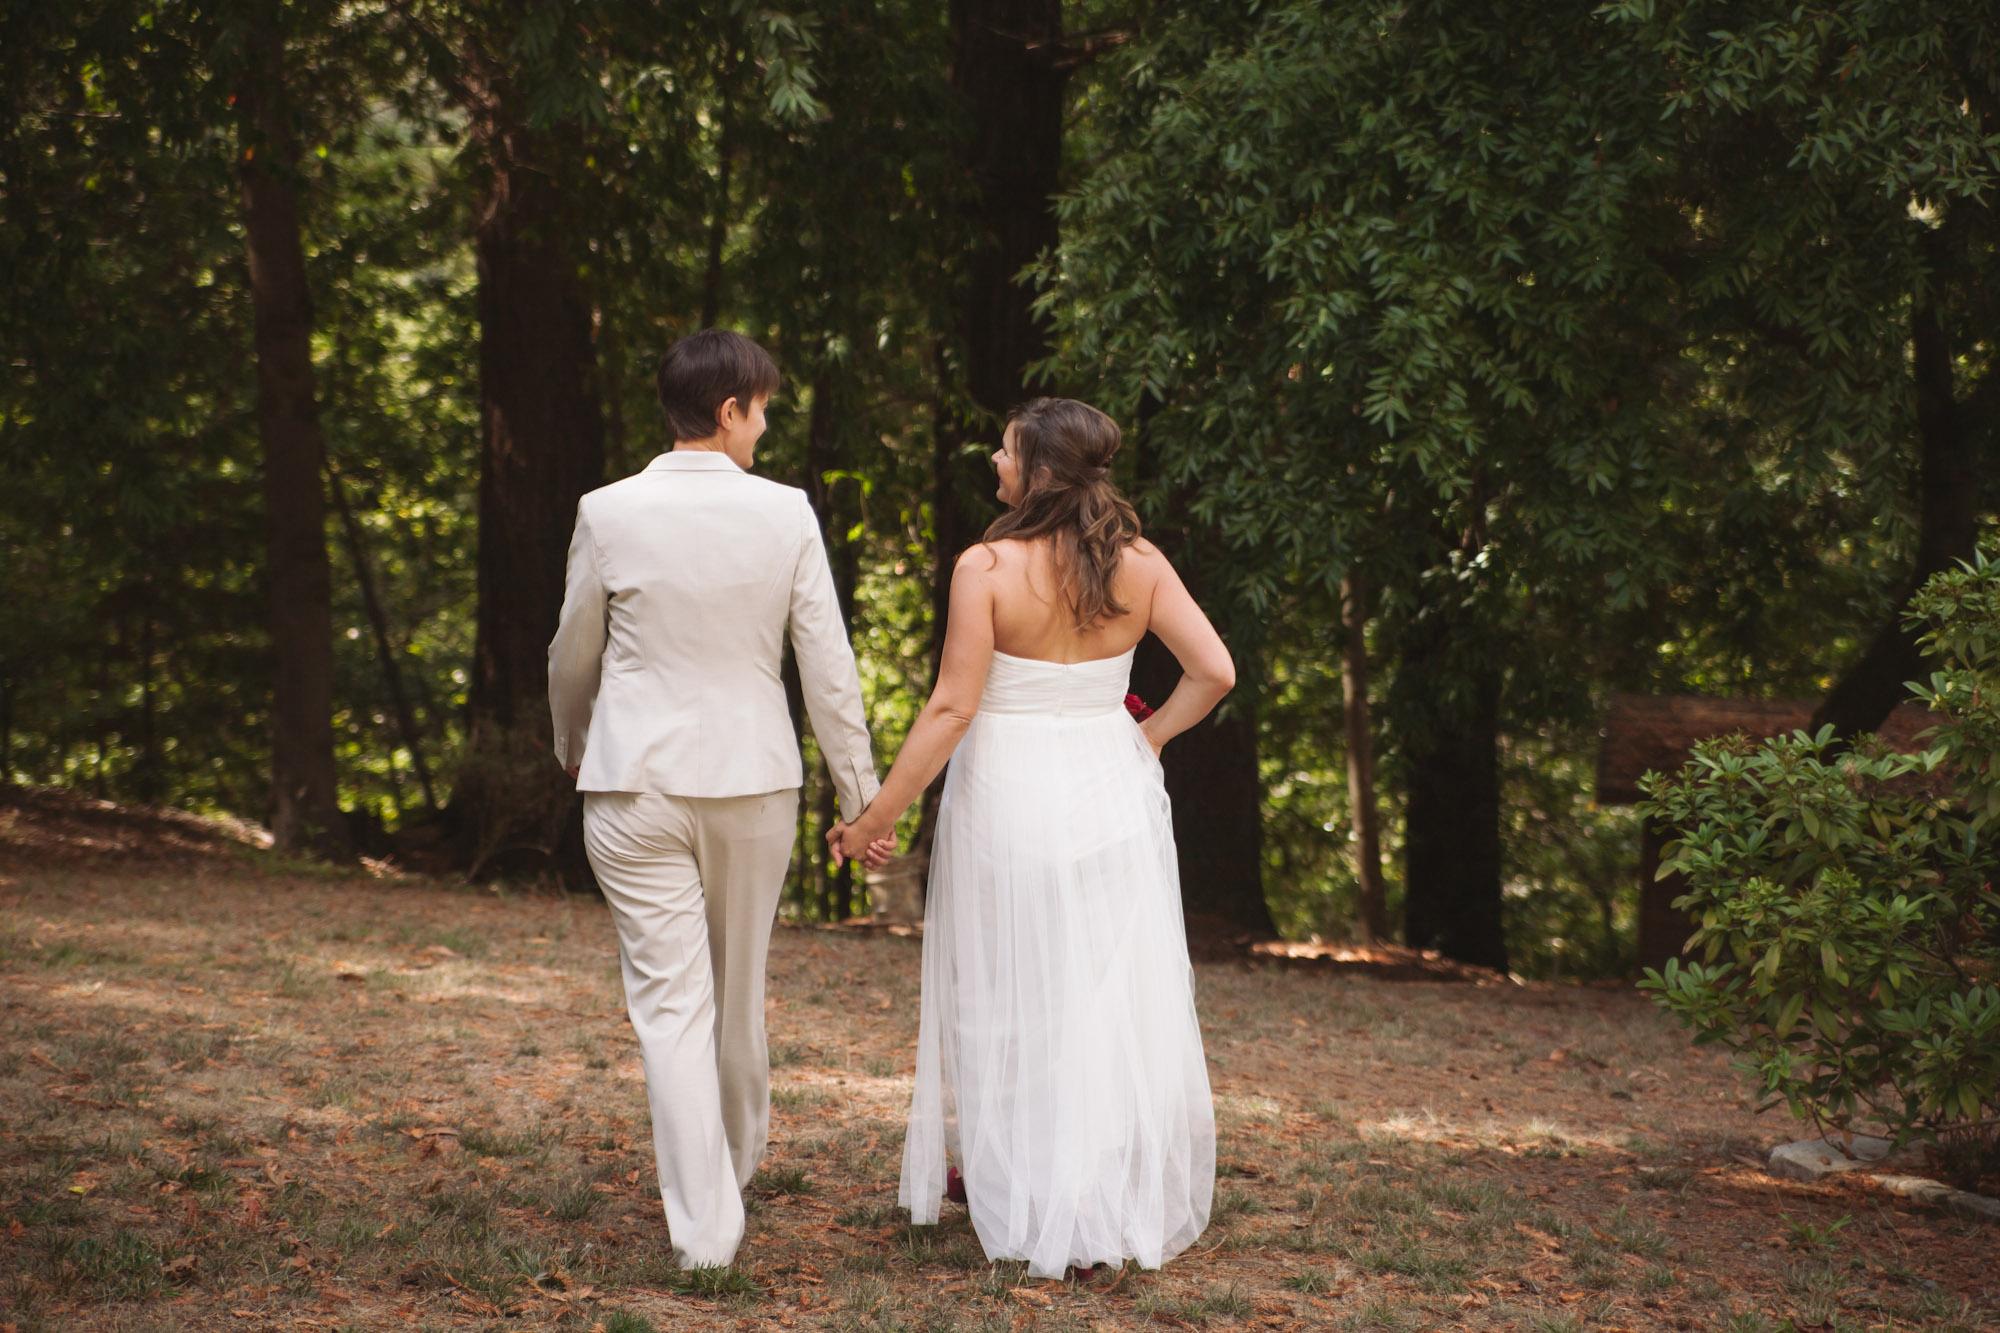 brides in white